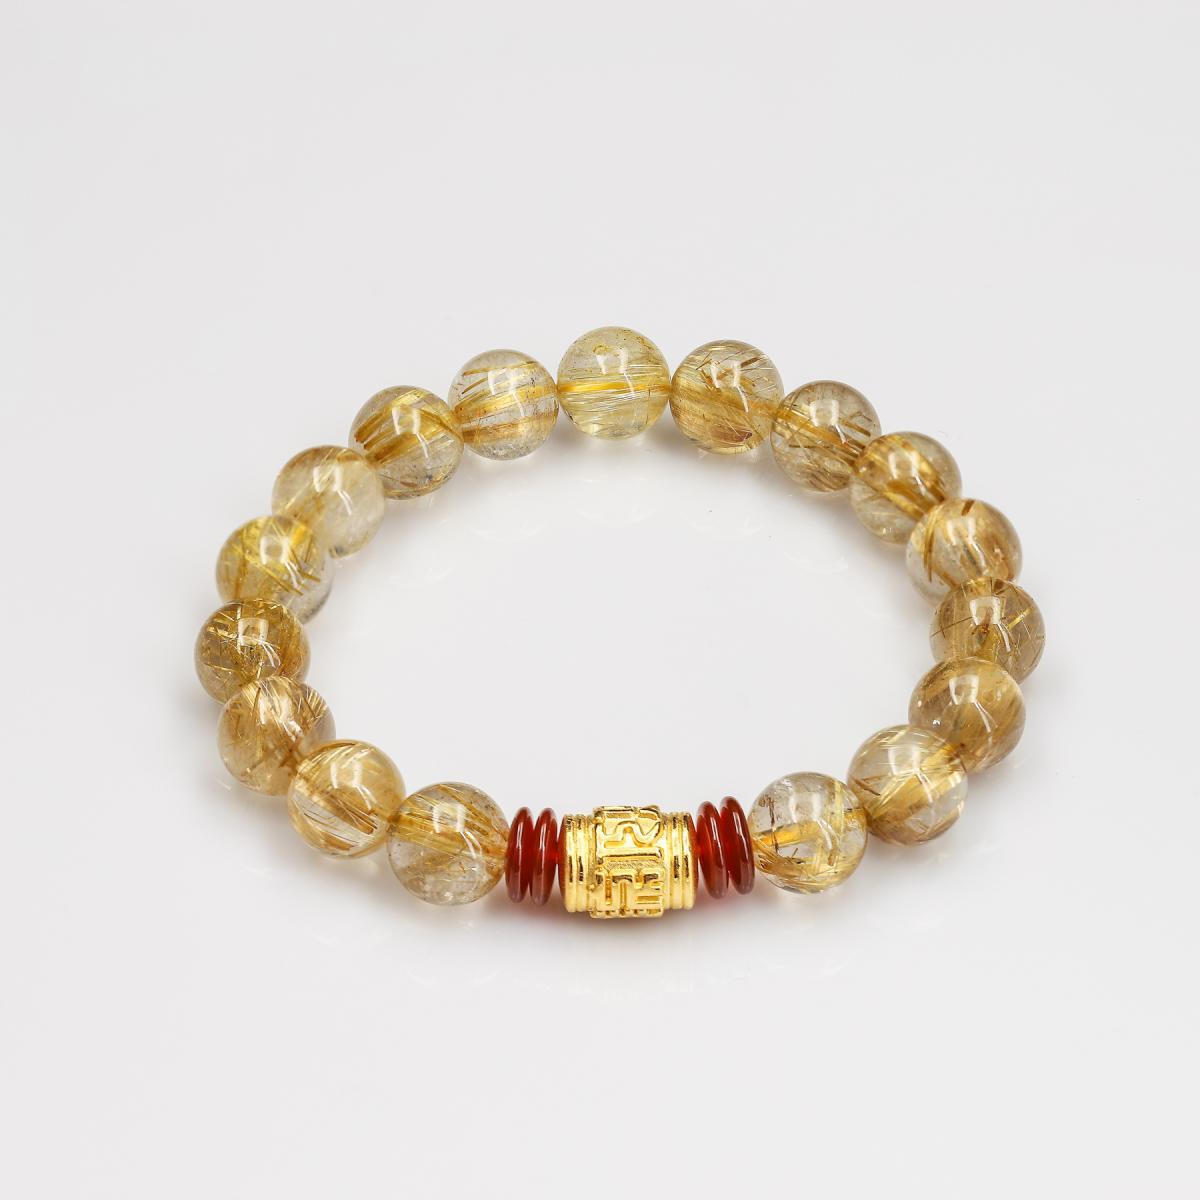 Vòng Thạch Anh Tóc vàng 11M 5A Tự Nhiên Mix  Lu vàng 9999